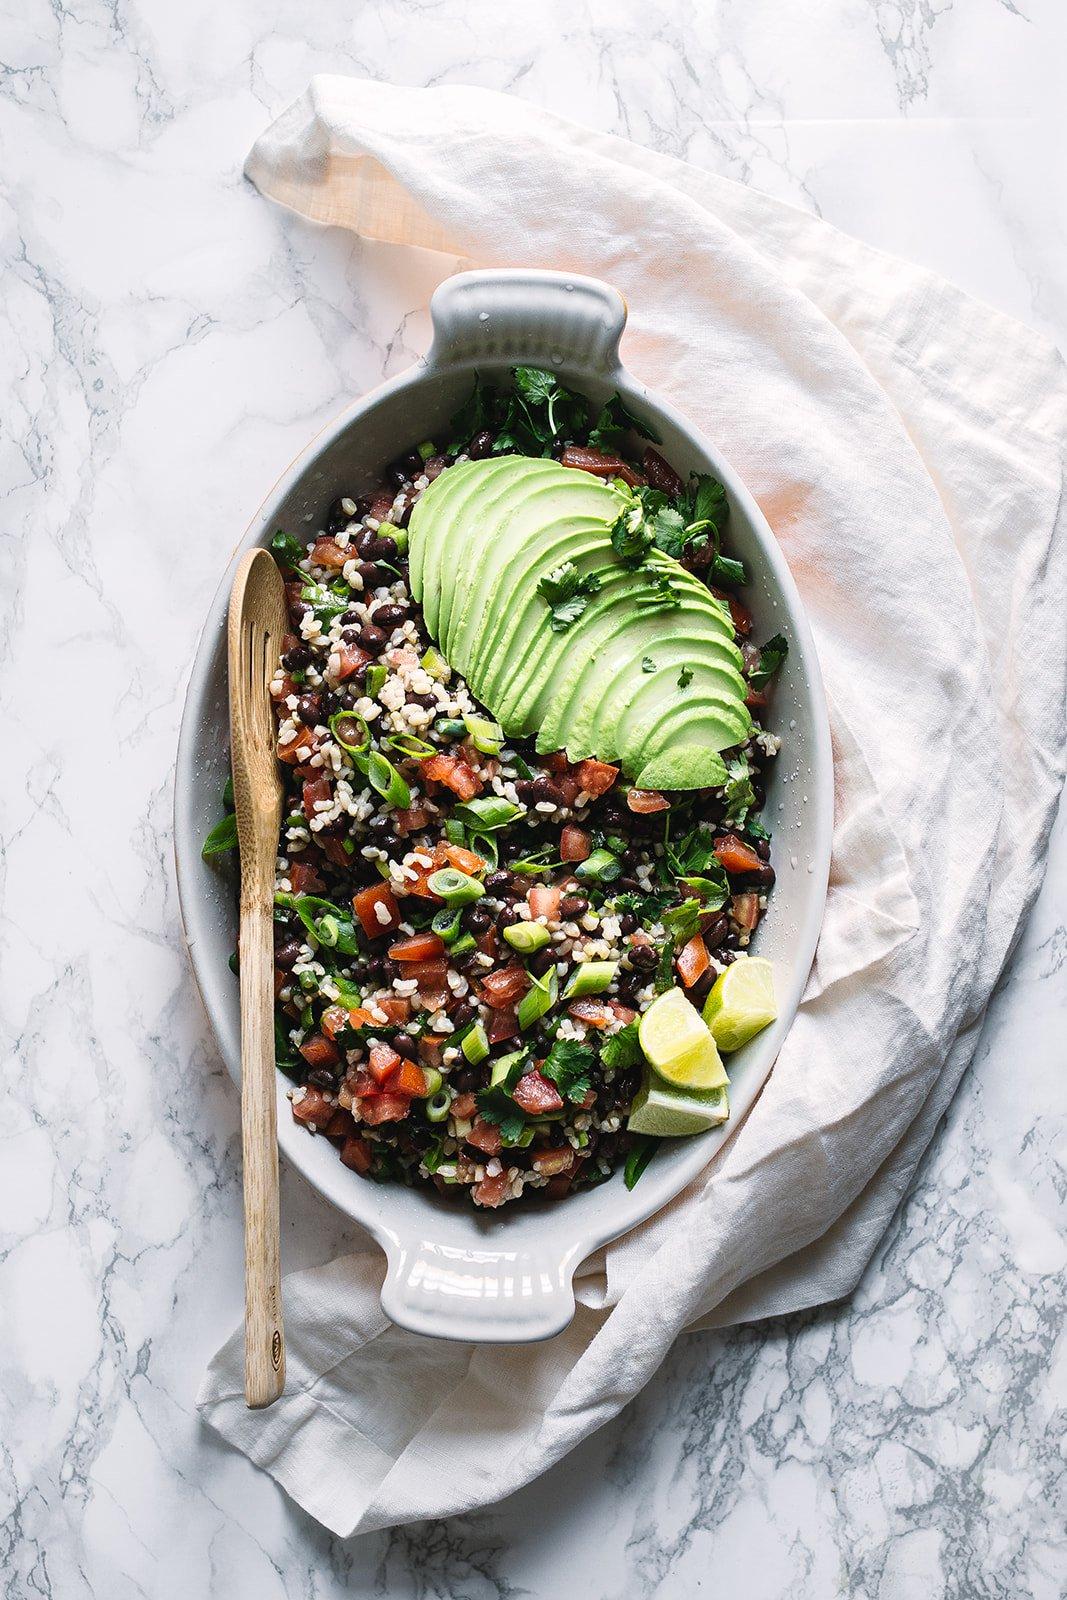 Brown Rice & Black Bean Salad with Avocado & Cilantro